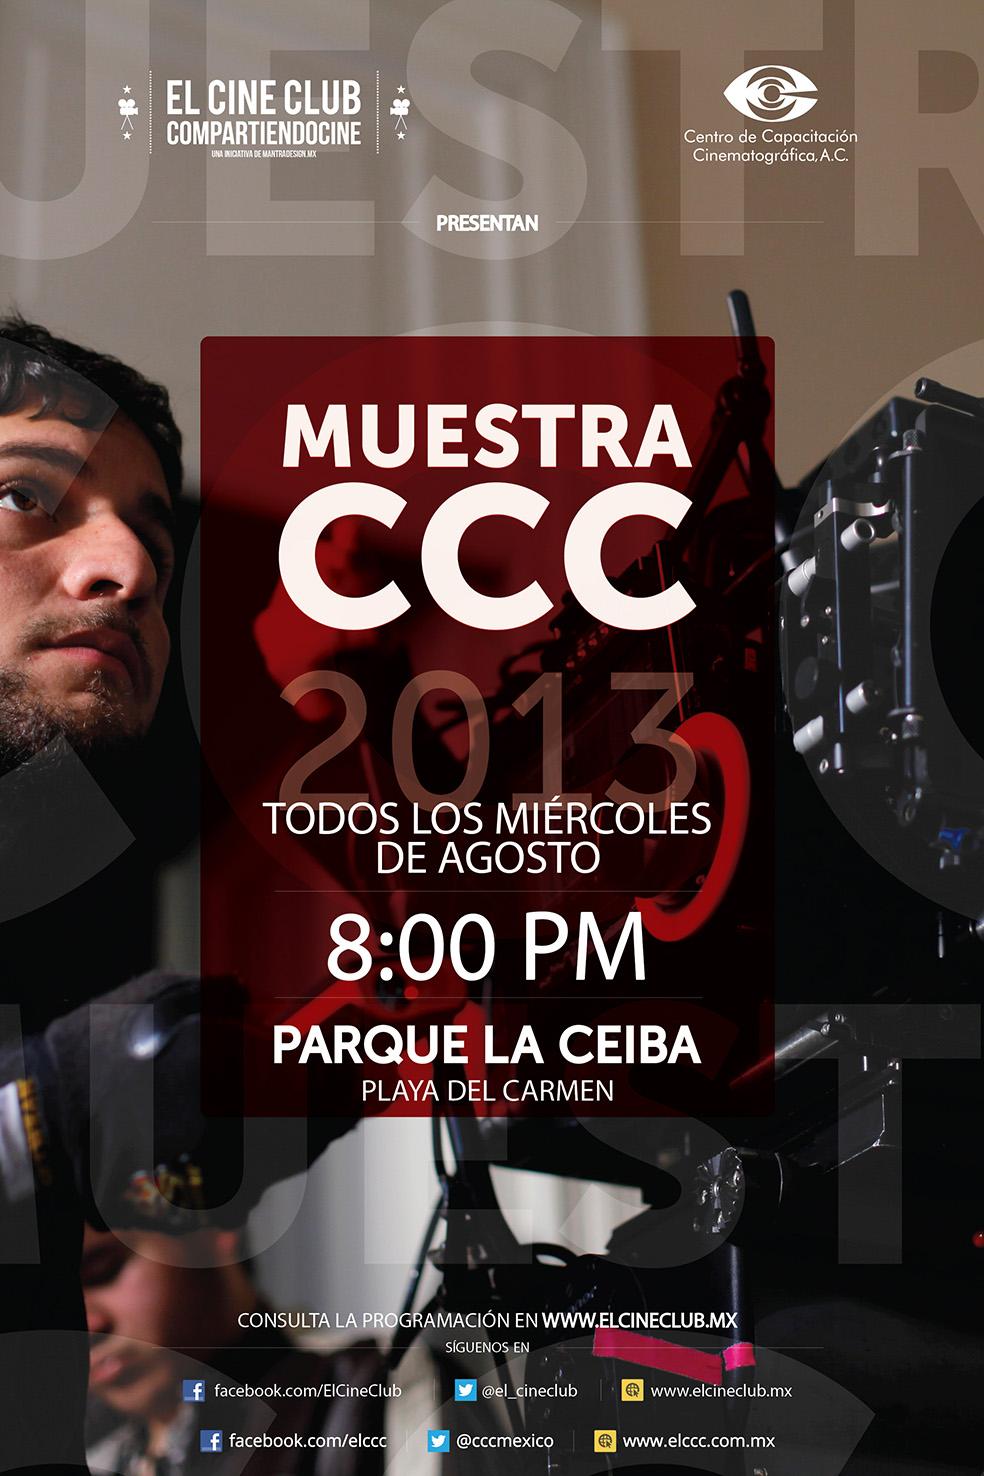 Muestra CCC 2013 en Playa